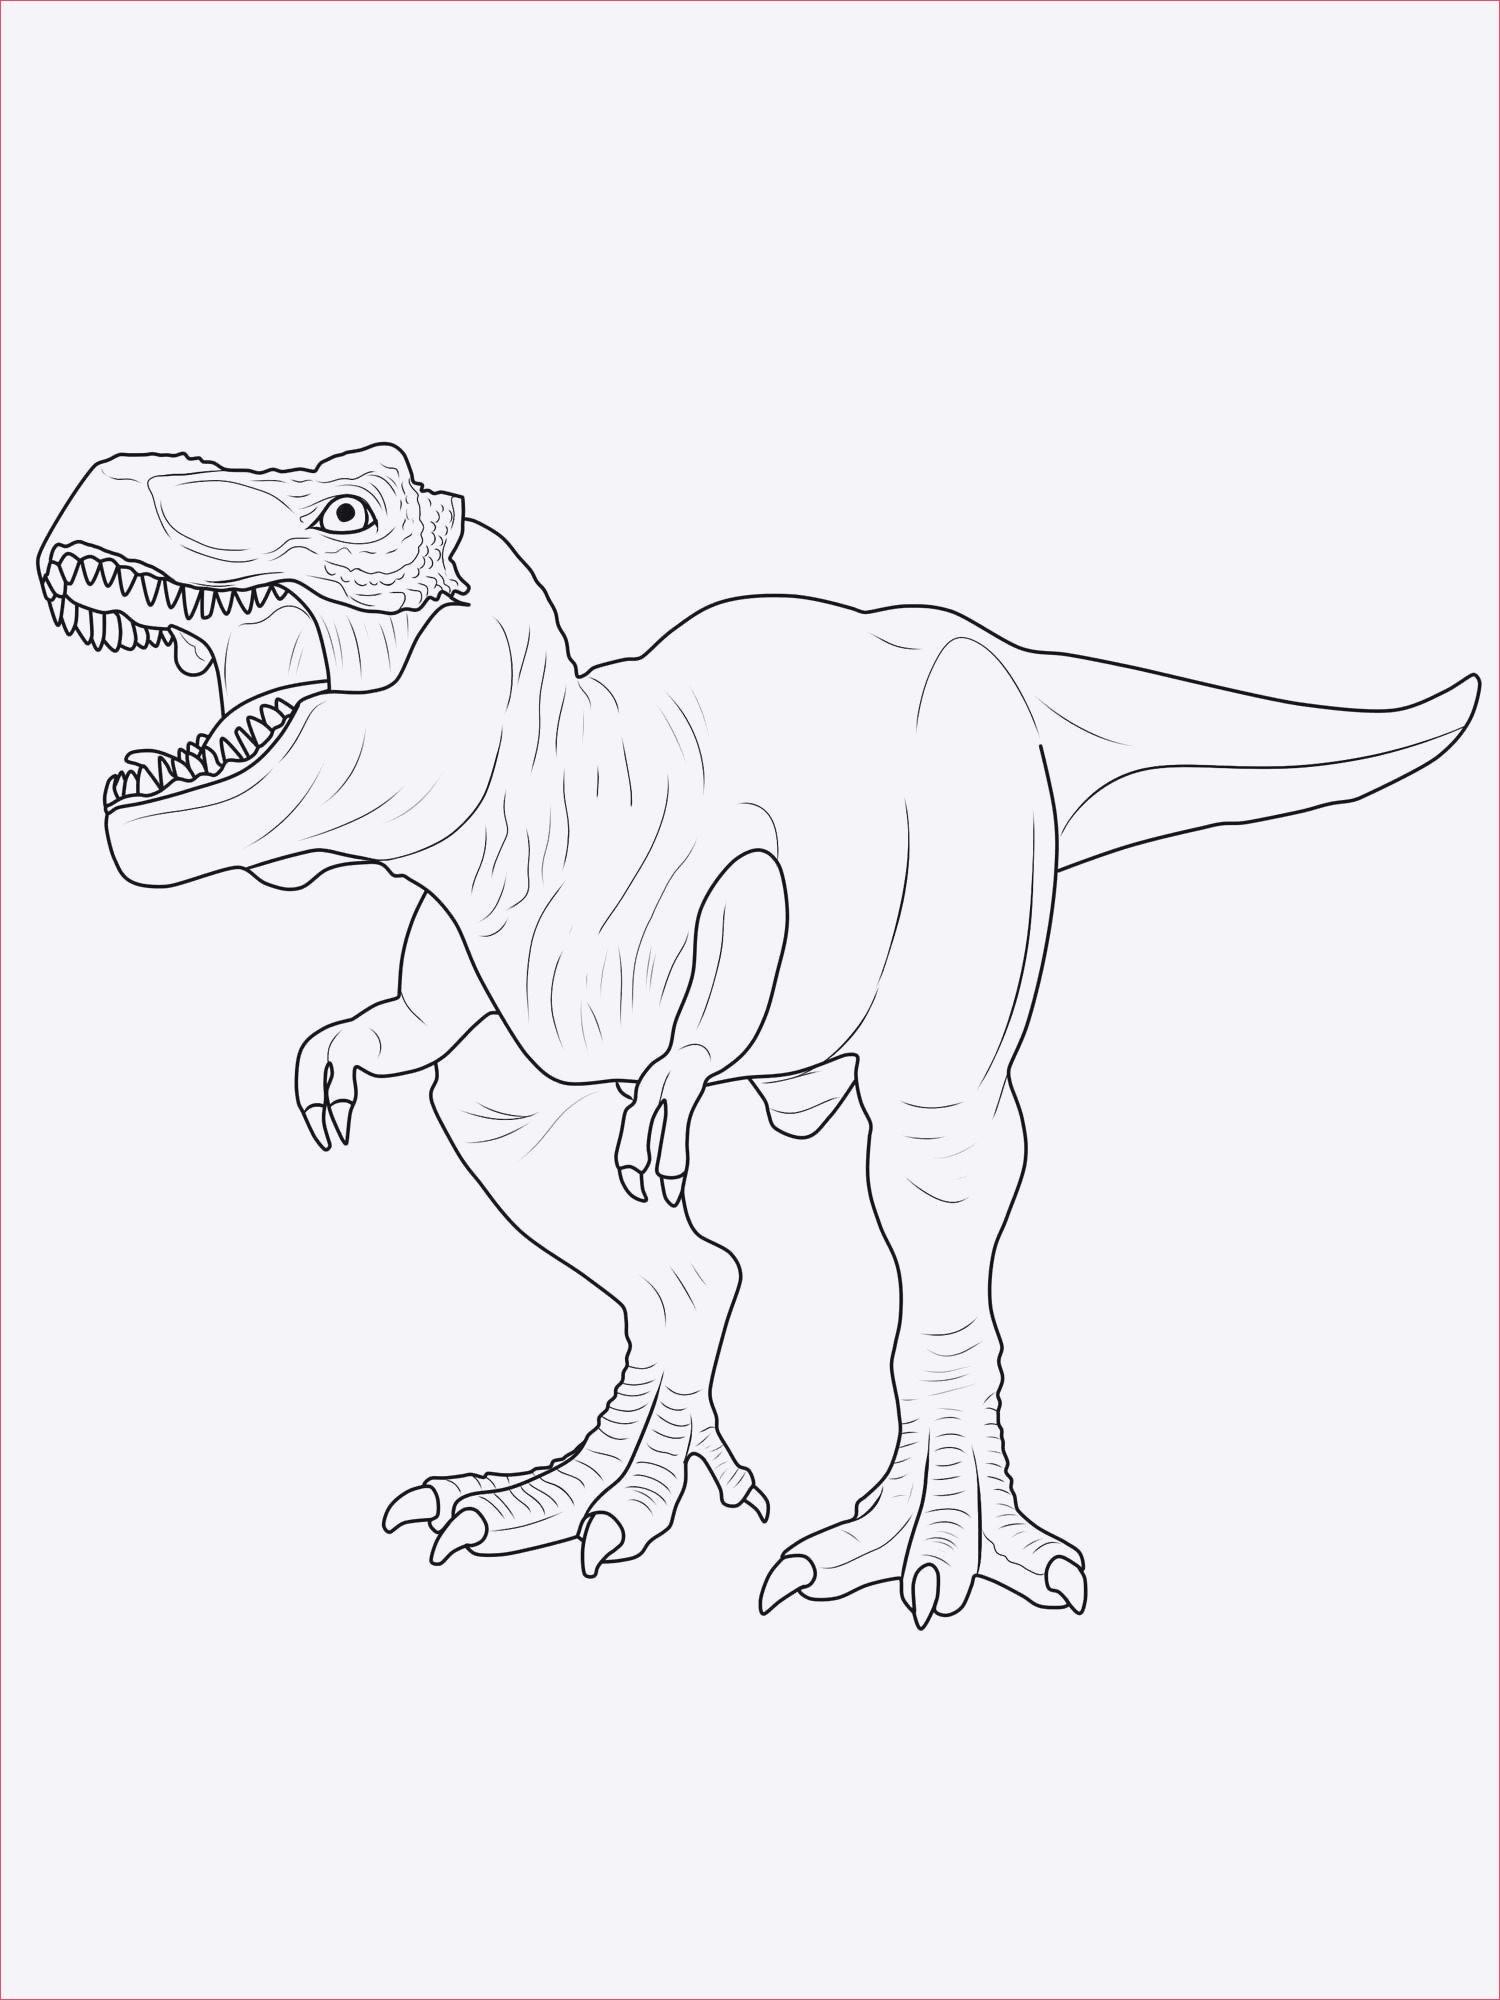 Steinzeit Bilder Zum Ausdrucken Genial Ausmalbilder Steinzeit Tiere Bilder